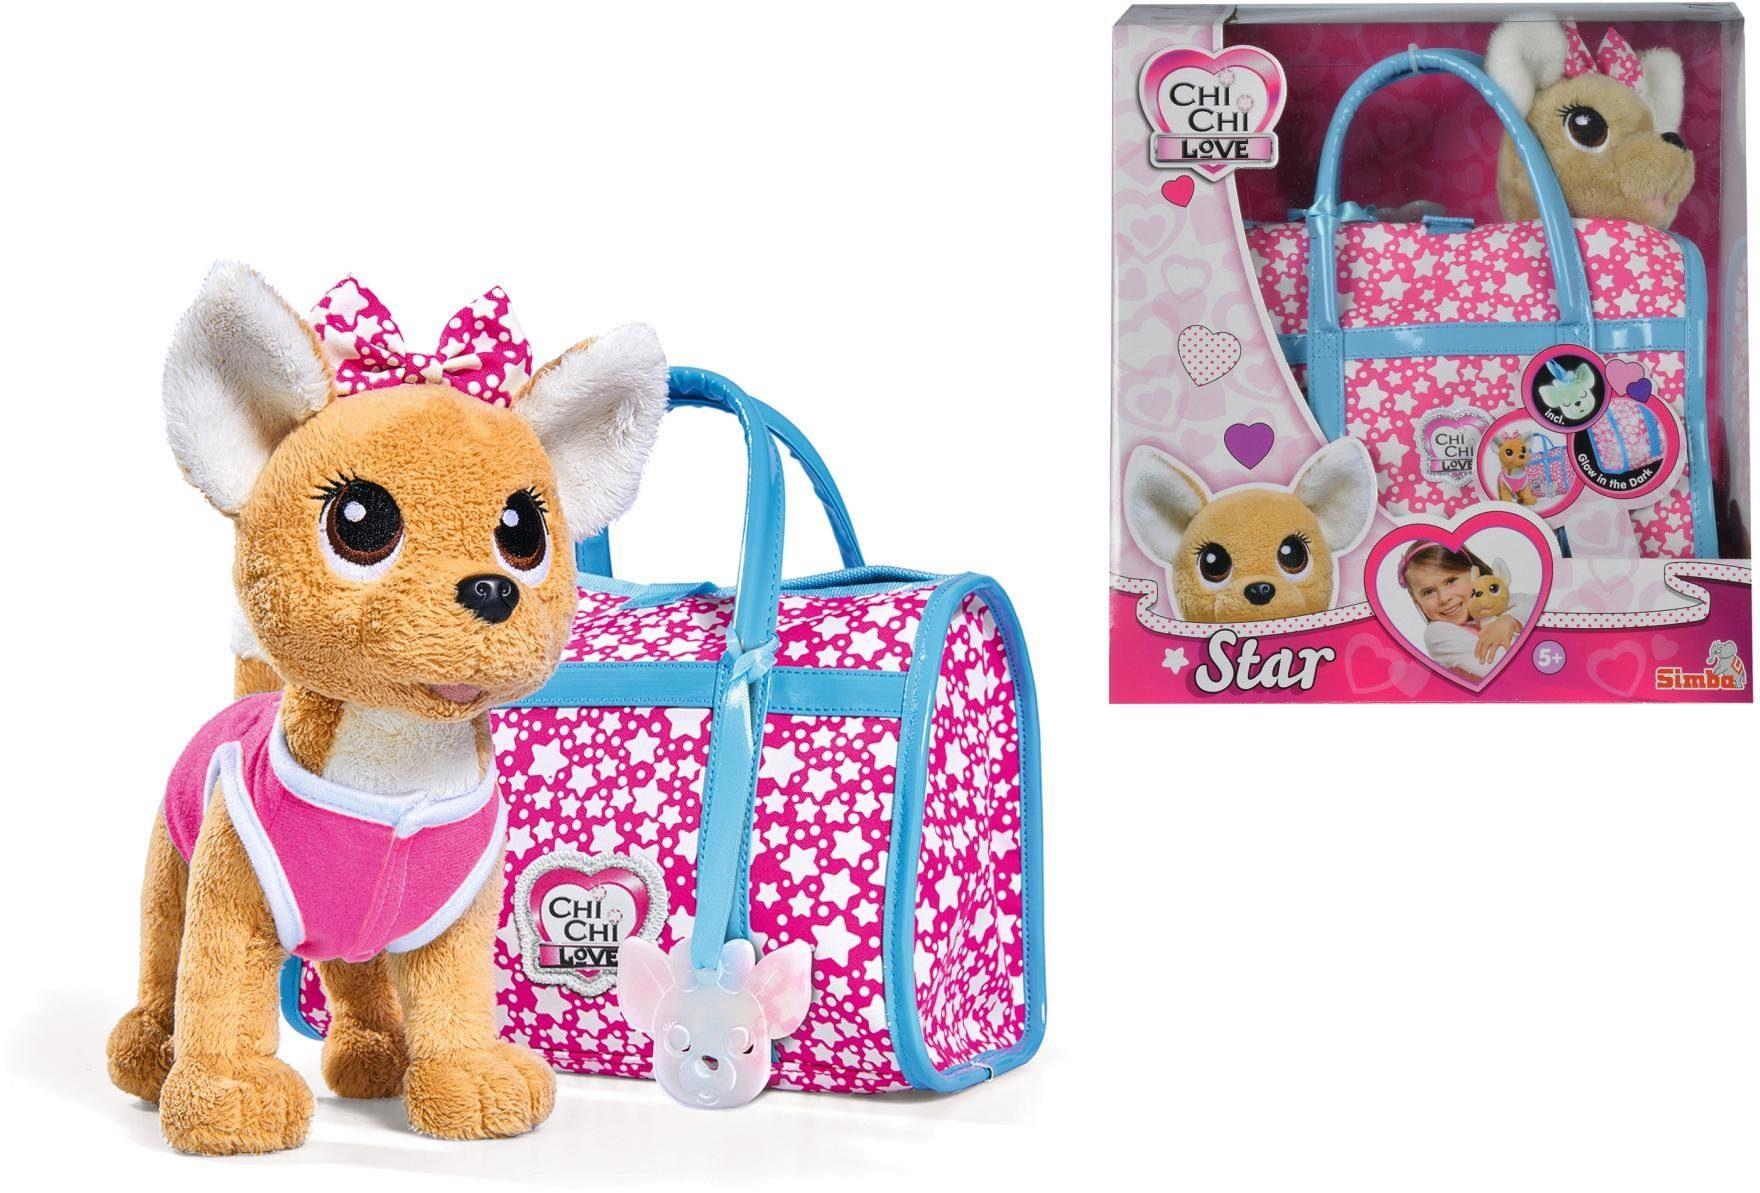 Simba Stofftier mit Tasche, »Chi Chi Love, Chihuahua Plüschhund Star«